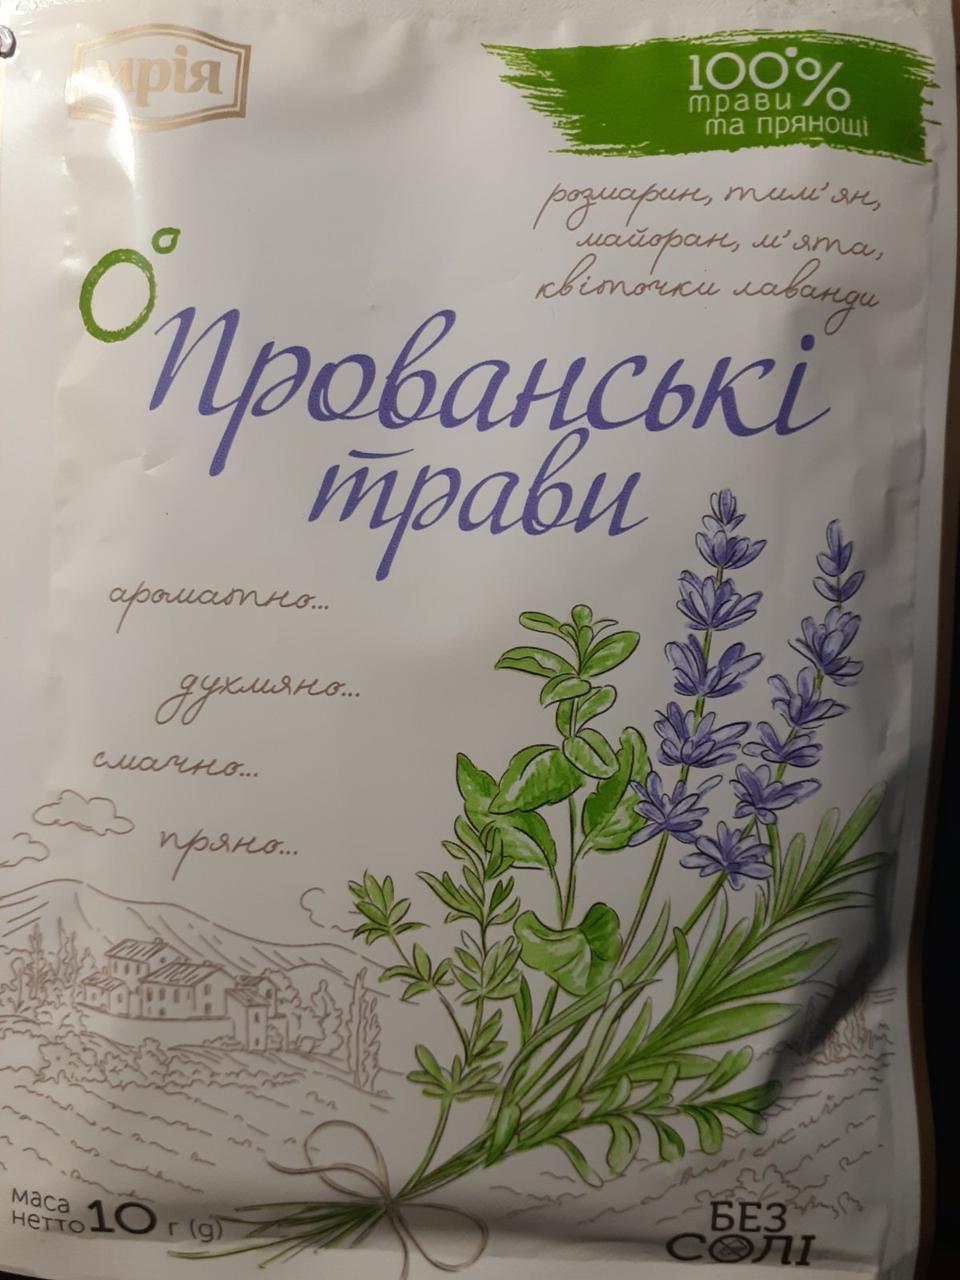 Прованські трави без солі 10 грам